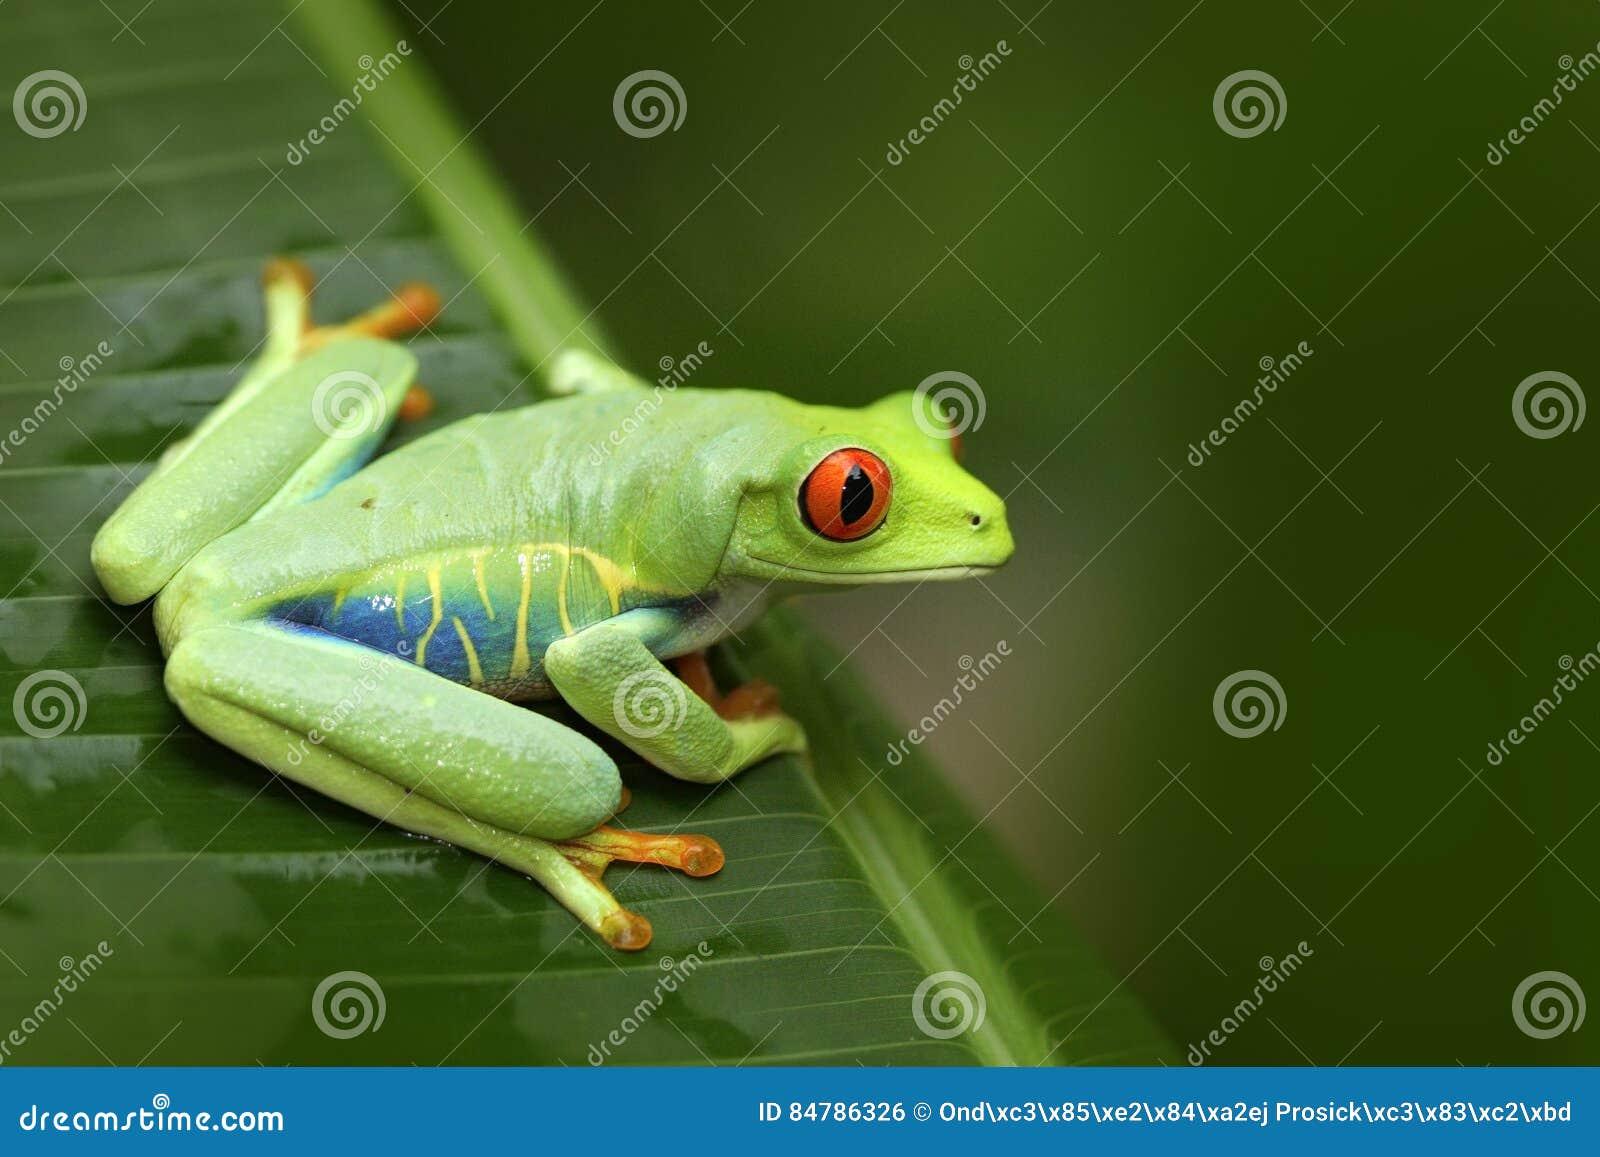 Mooie kikker in bos, exotisch dier van Midden-Amerika Rood-eyed Boomkikker, Agalychnis-callidryas, dier met grote rode ogen,